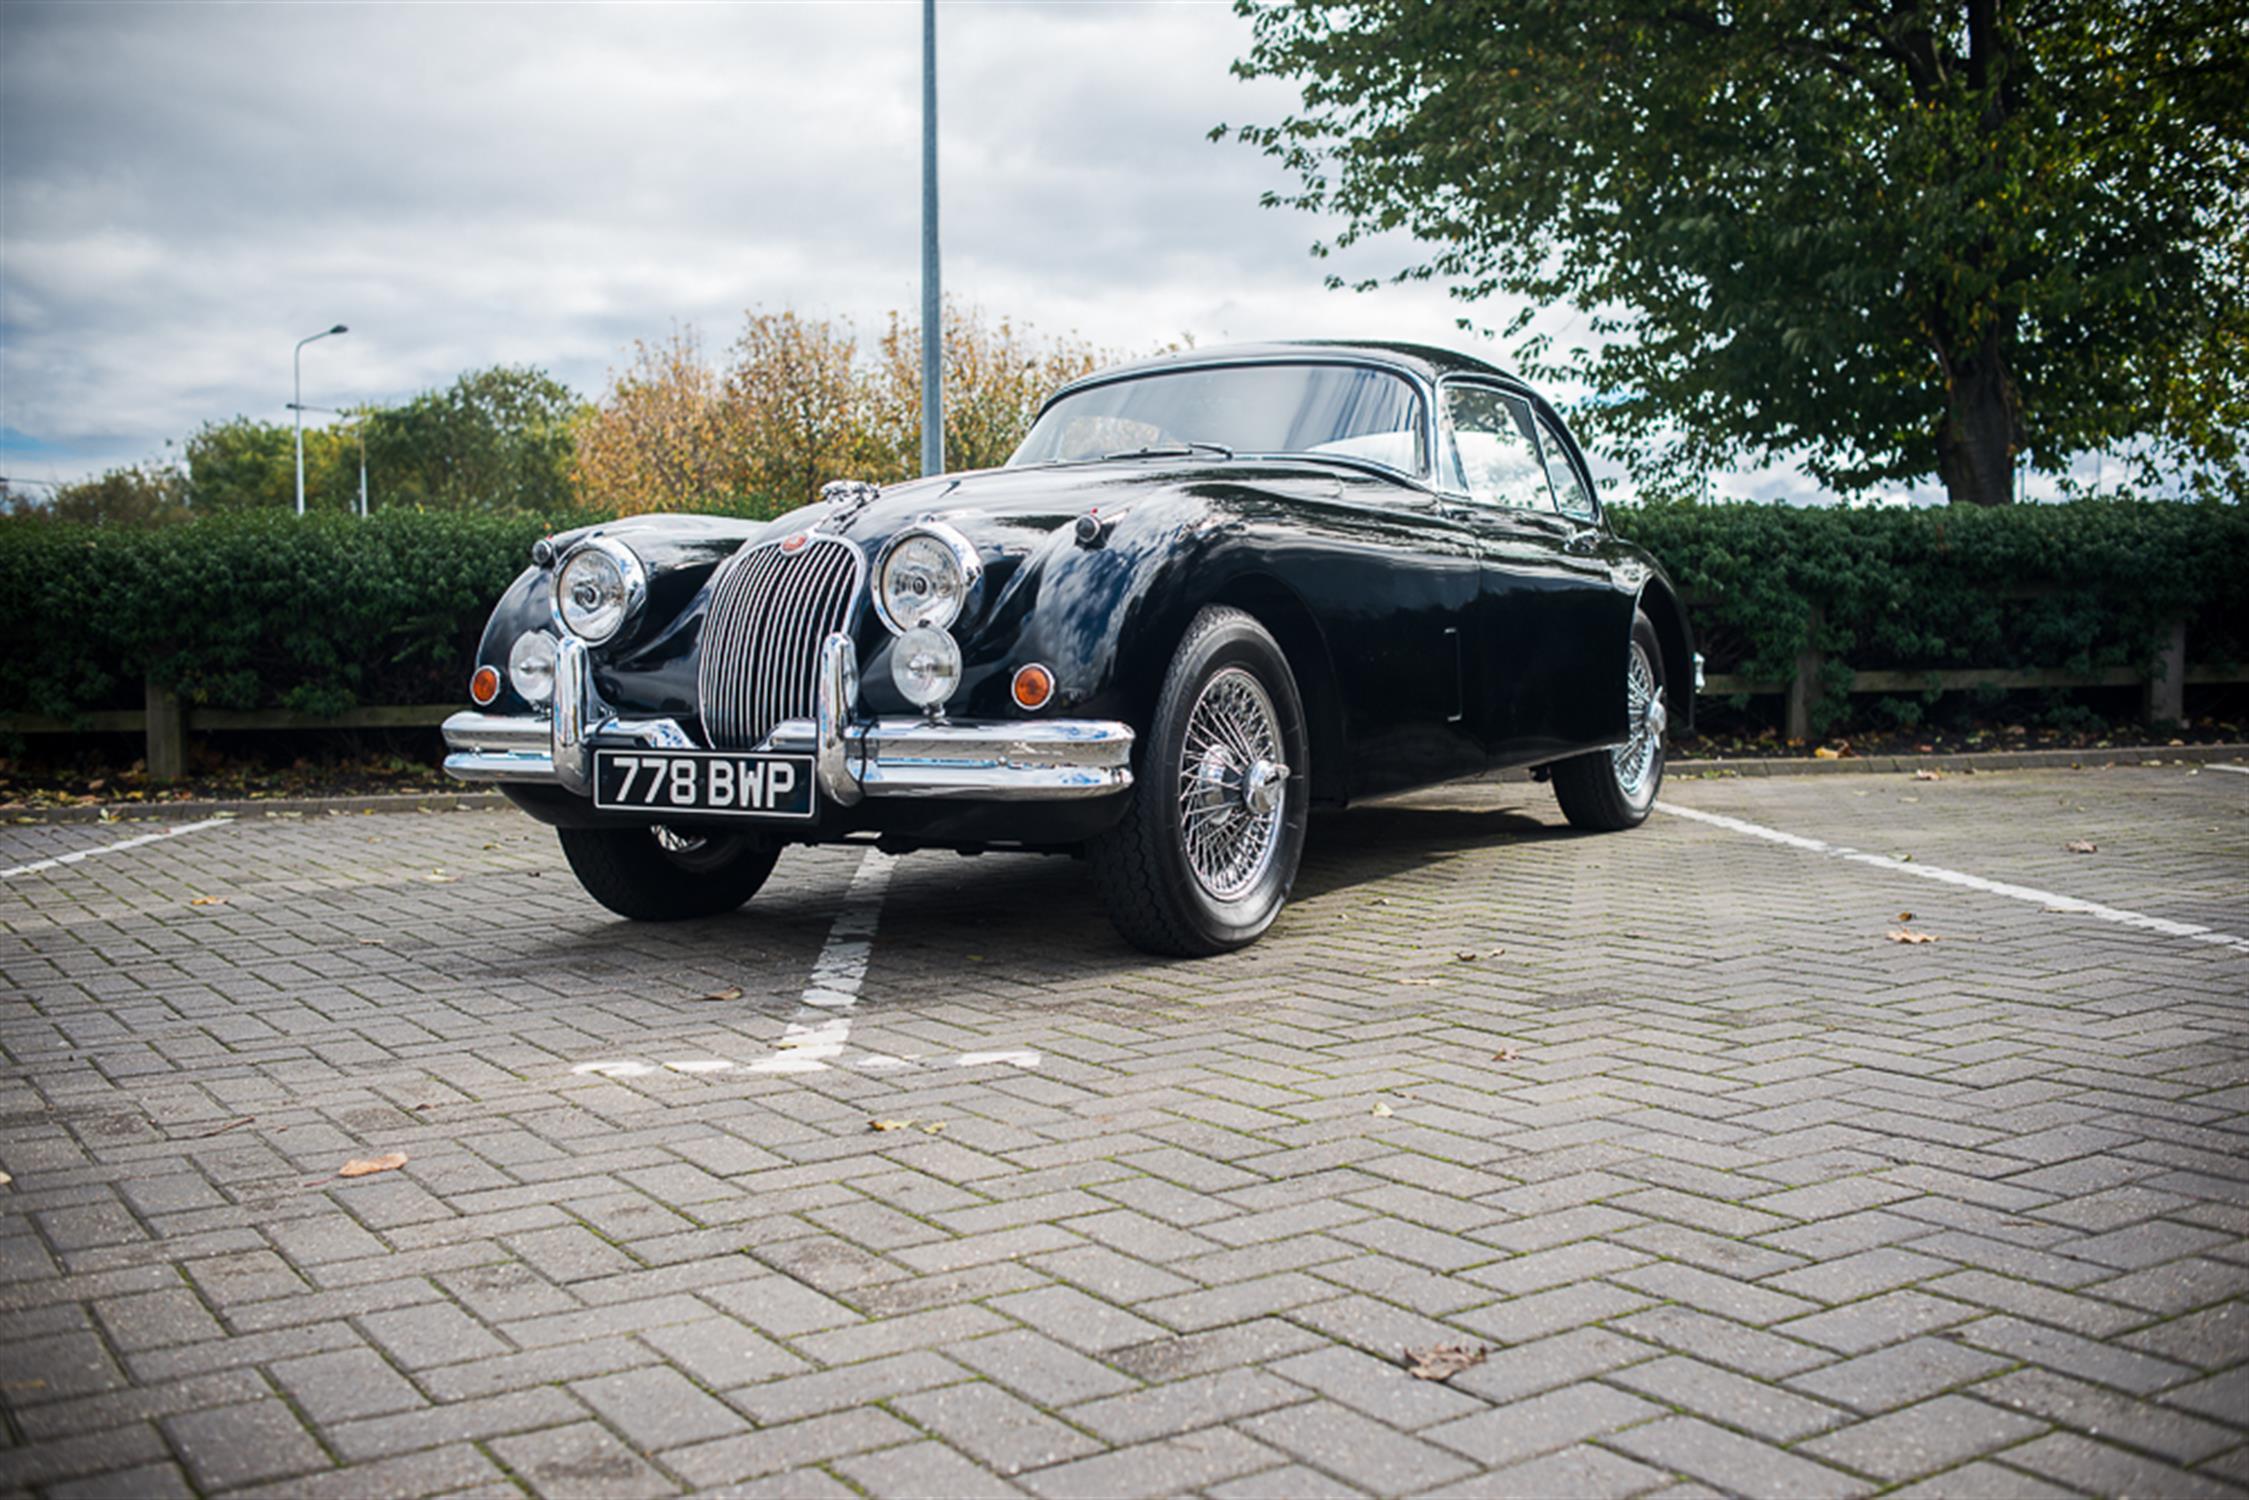 1960 Jaguar XK150 SE 3.4 FHC